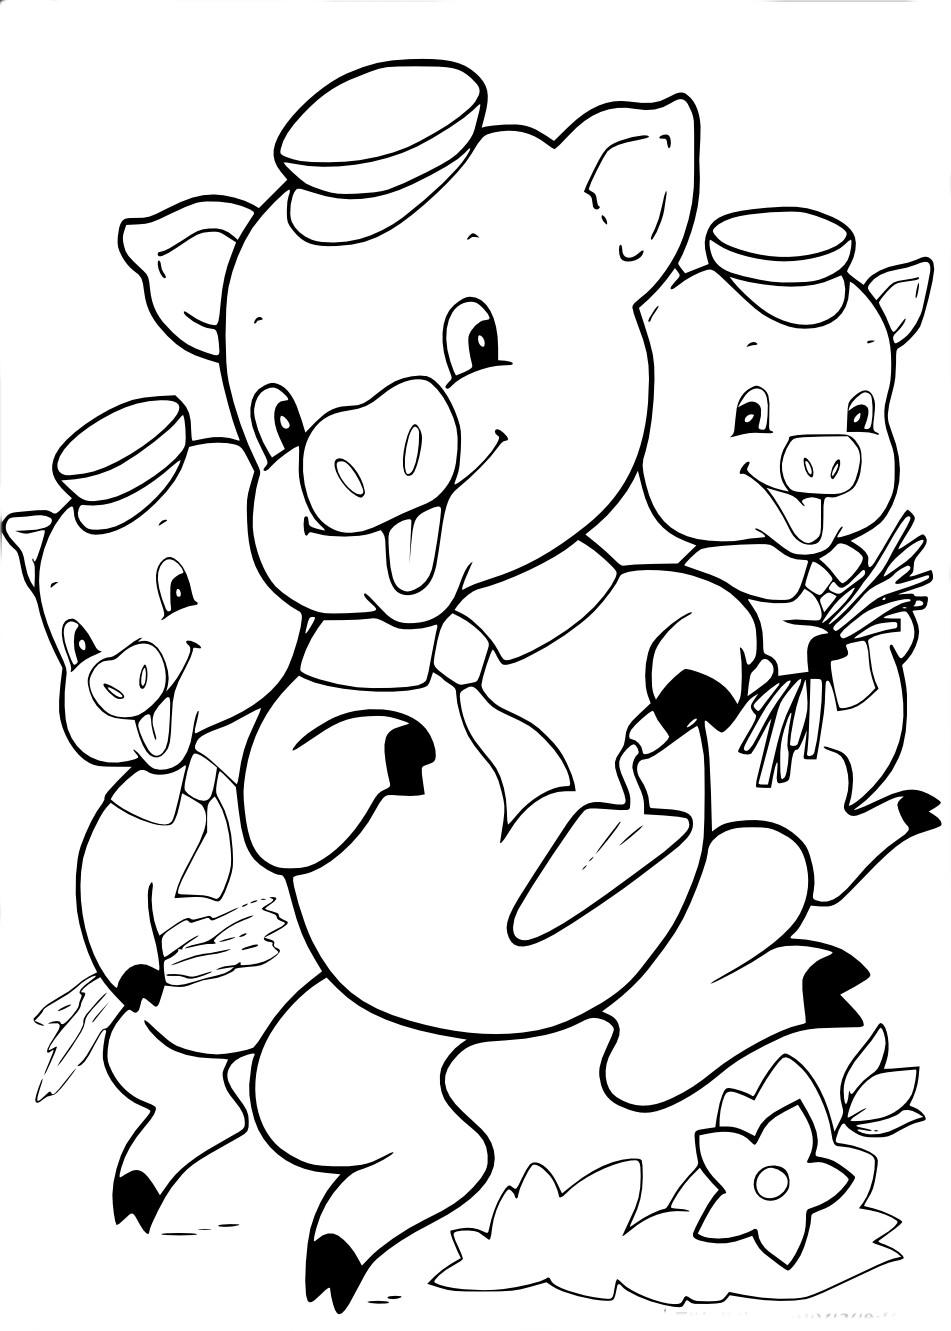 Coloriage les trois petits cochons imprimer - Coloriage les trois petit cochons ...